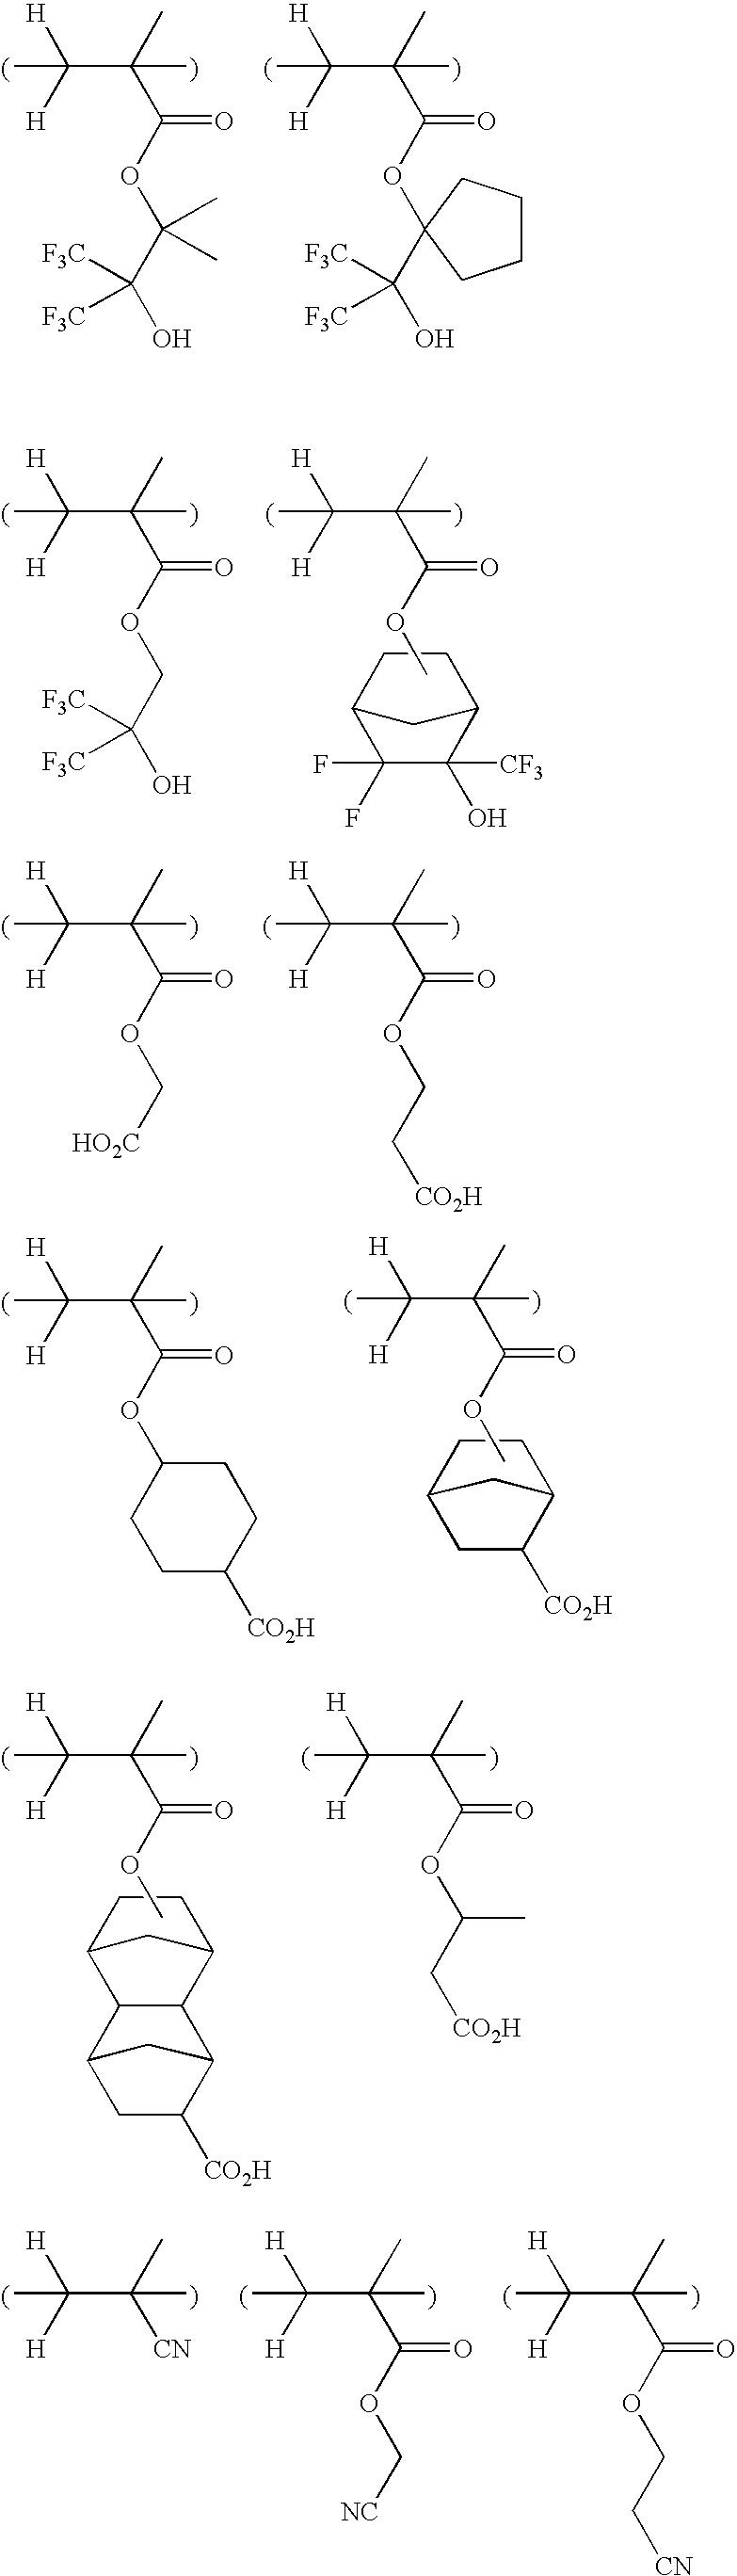 Figure US07687222-20100330-C00041